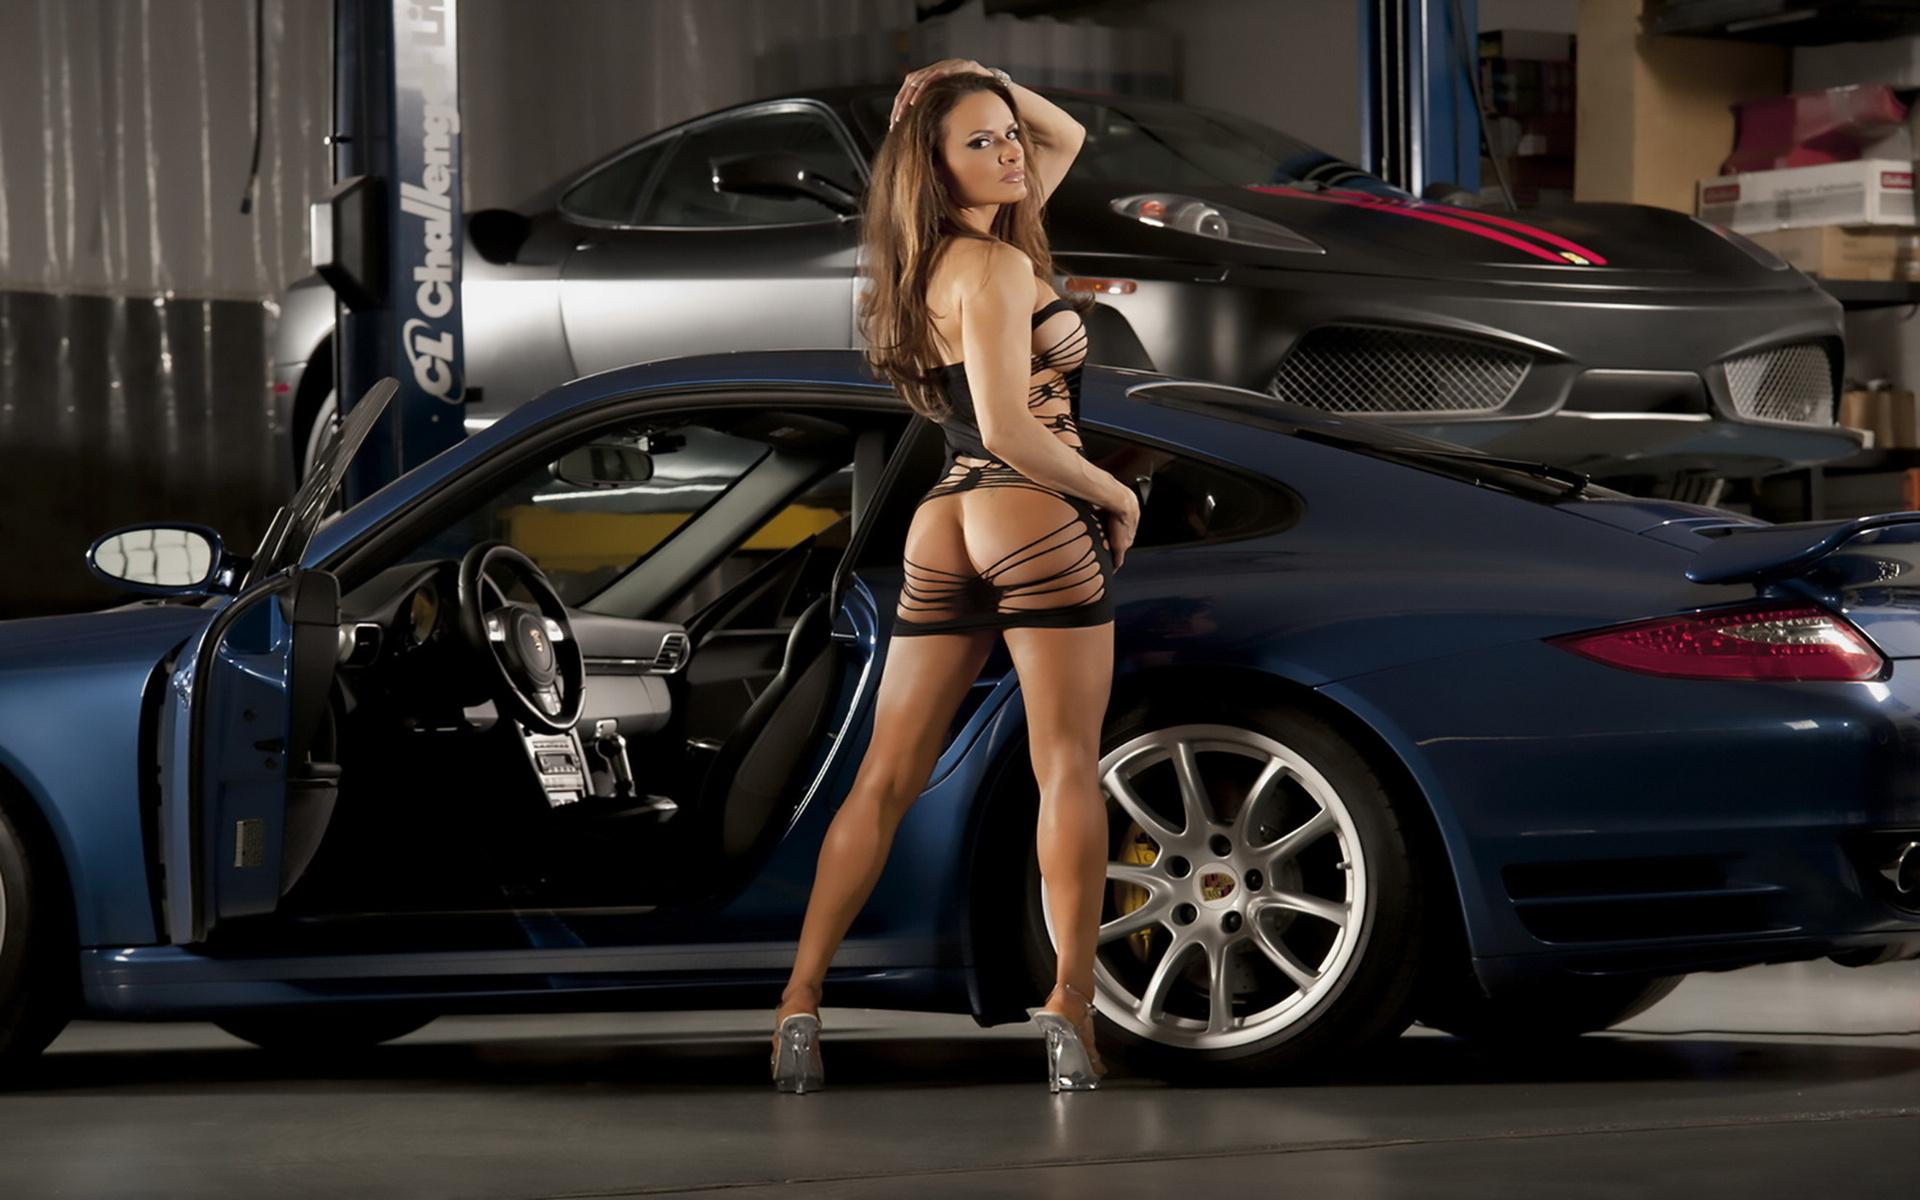 Фото авто девки, Сексуальные девушки и автомобили 1 фотография